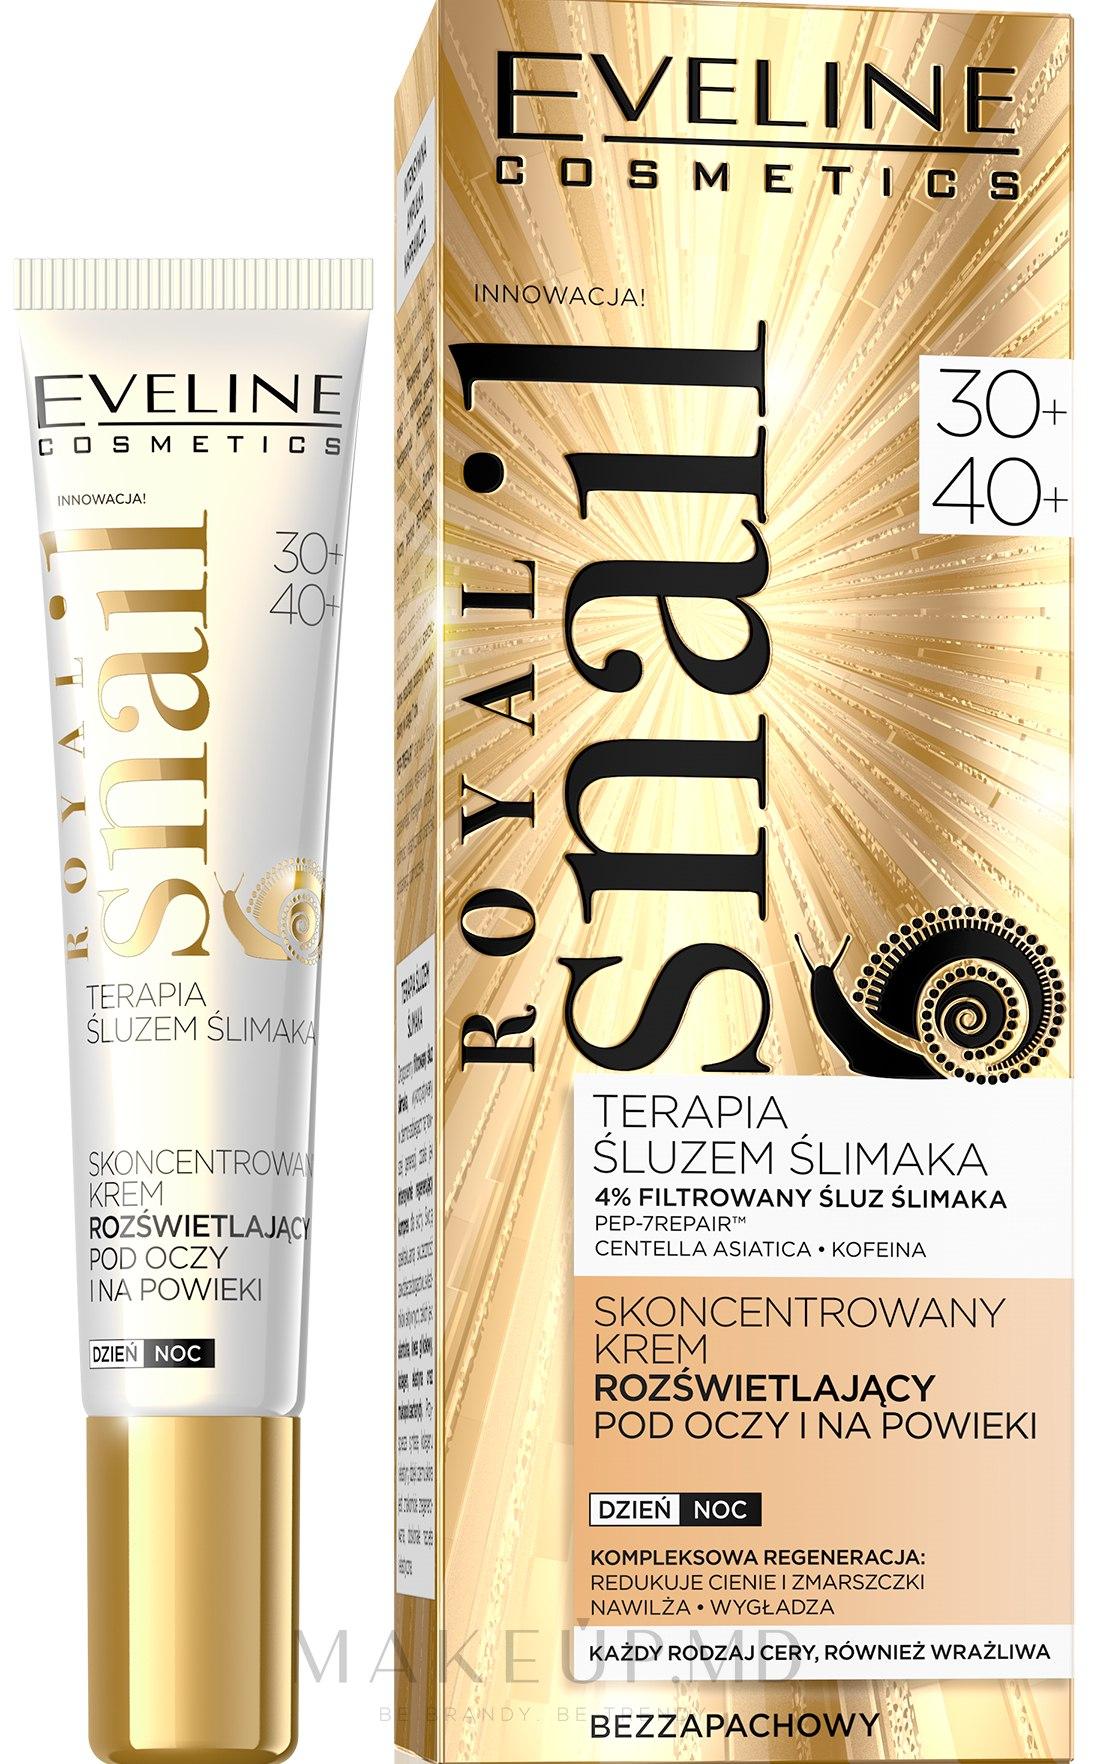 Cremă pentru zona ochilor - Eveline Cosmetics Royal Snail 30+/40+ — Imagine 20 ml